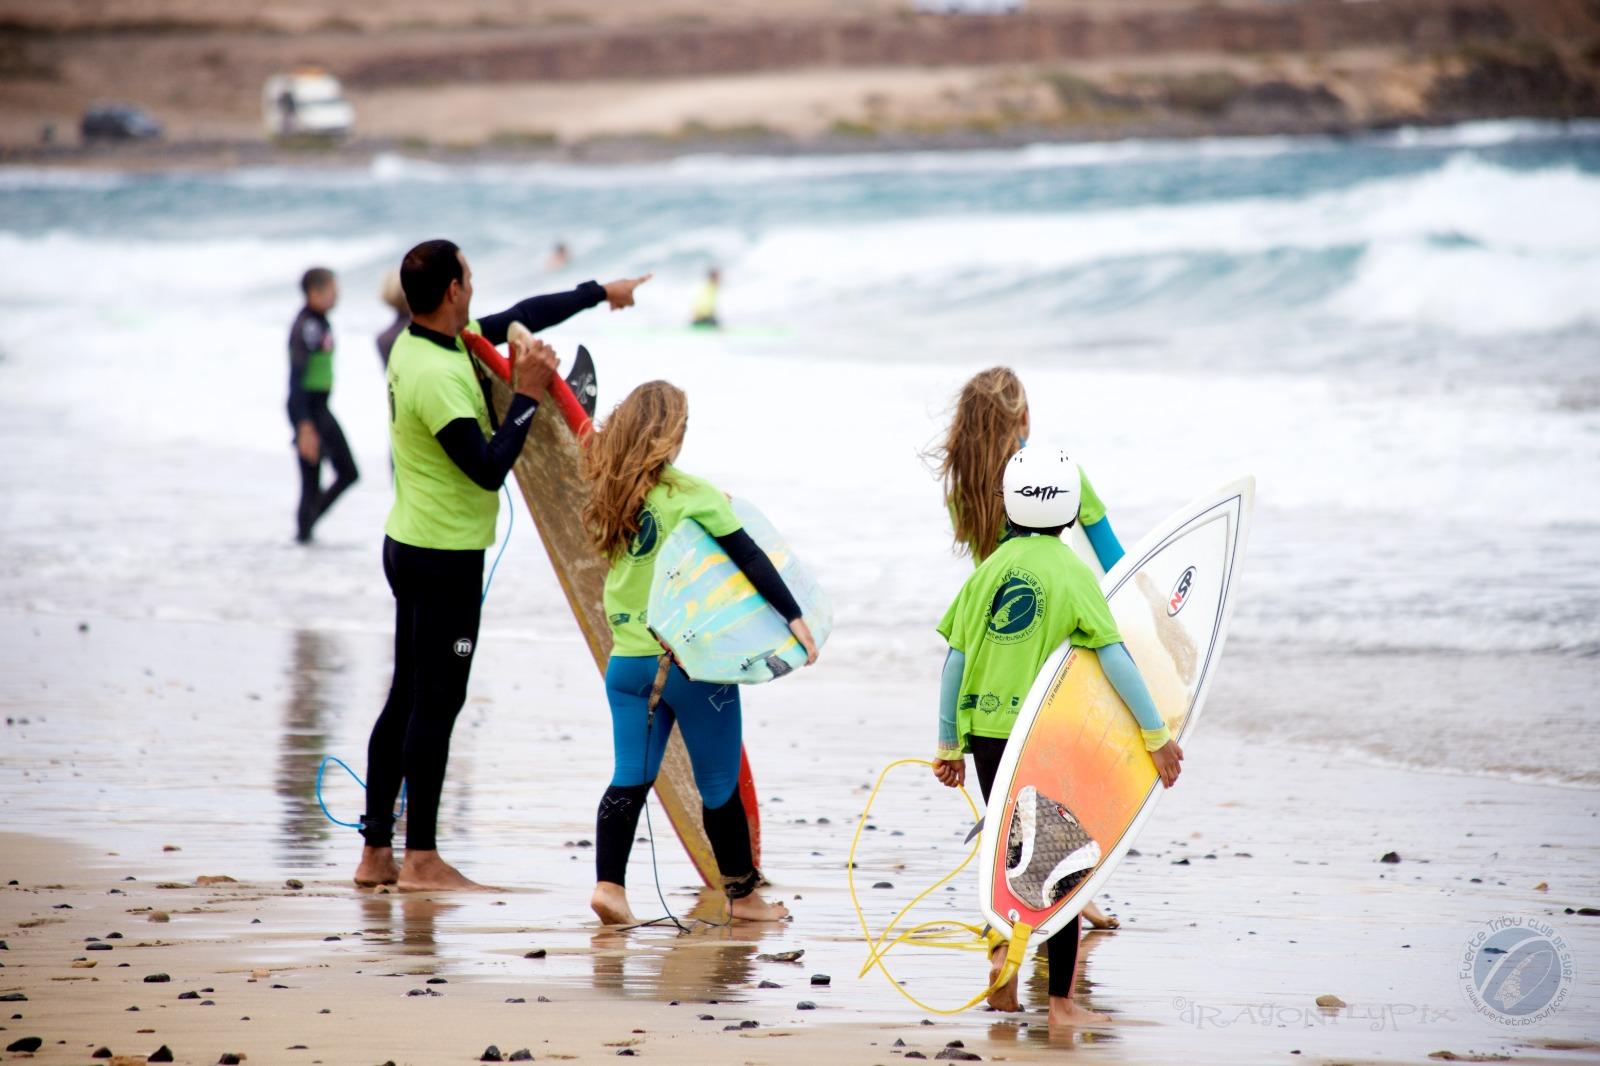 FUERTE TRIBU FUERTEVENTURA SURFWhatsApp Image 2019-08-25 at 17.06.55(4).jpeg